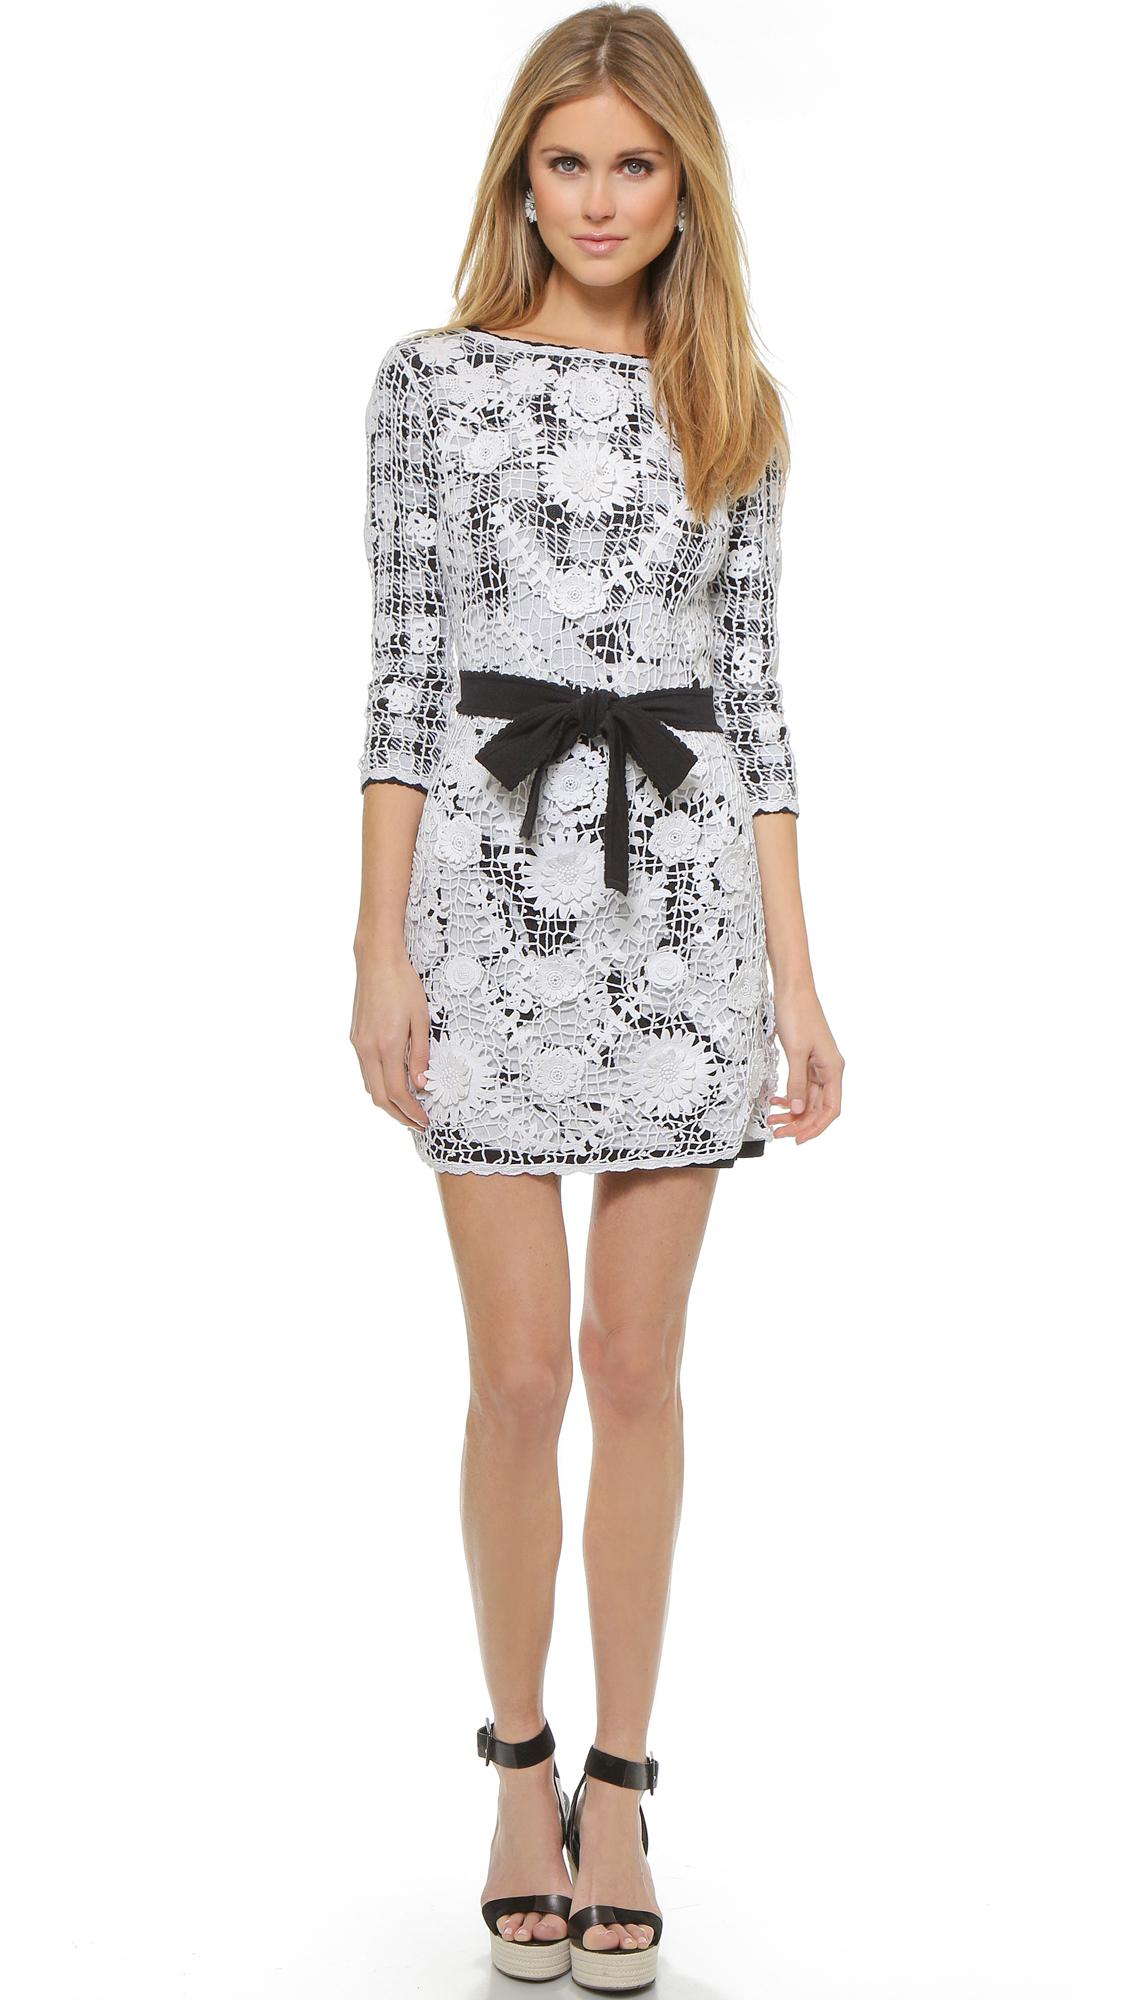 Diane von Furstenberg Kennie Wrap Dress | Diane von Furstenberg Spring Style